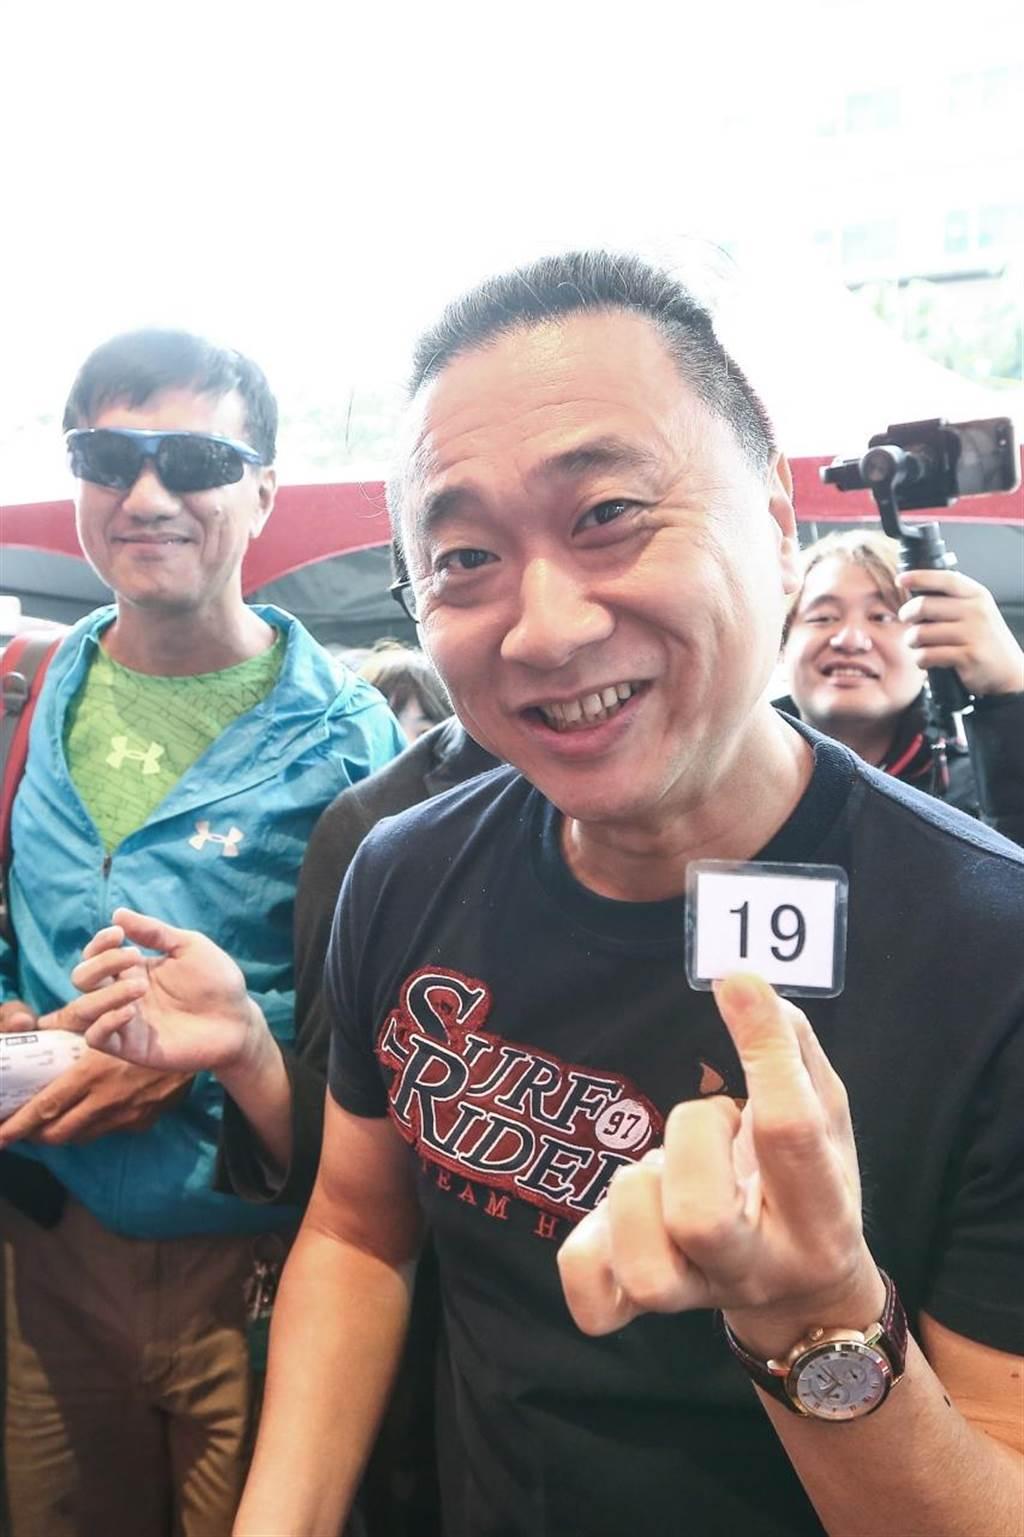 藝人邰智源搶跟風,搶下號碼牌19號優先品嘗美味拉麵。(鄧博仁攝)